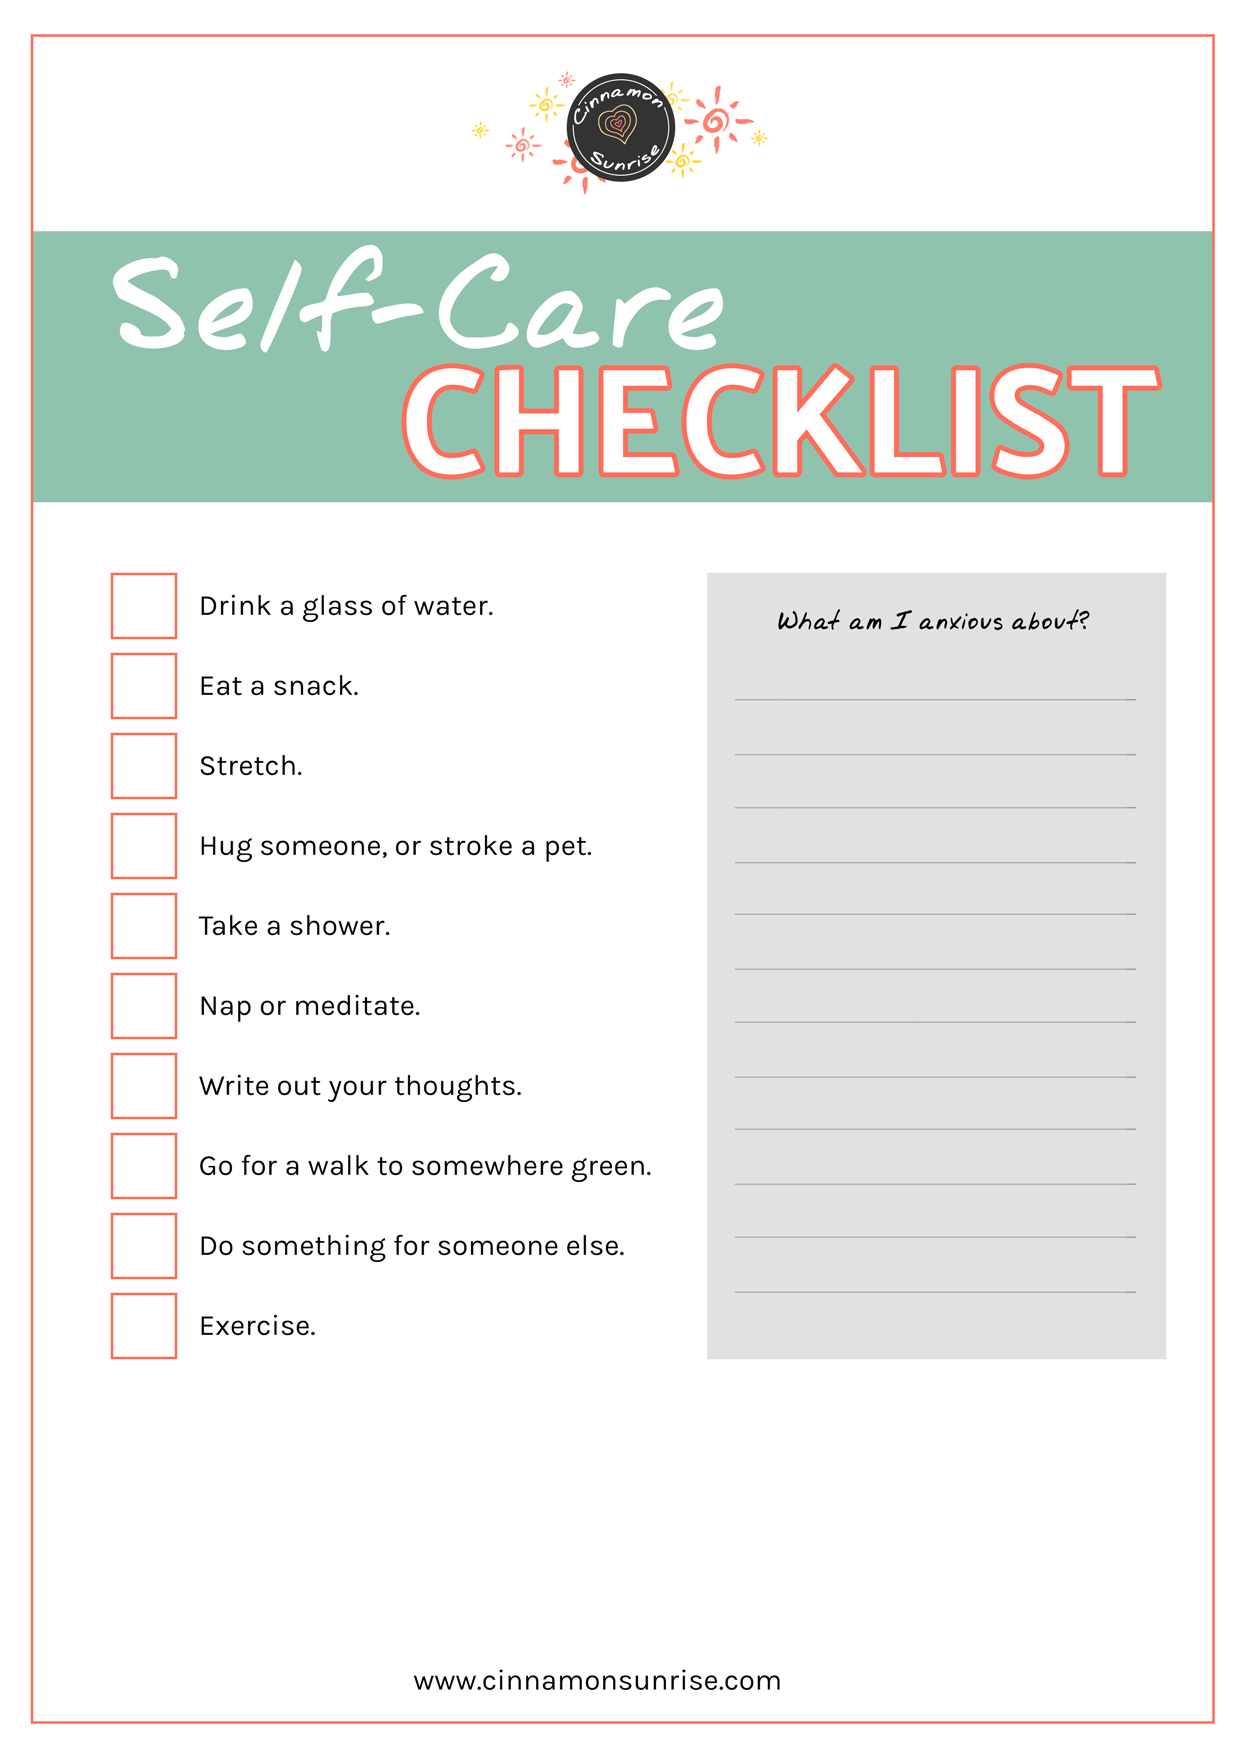 Self-Care Checklist